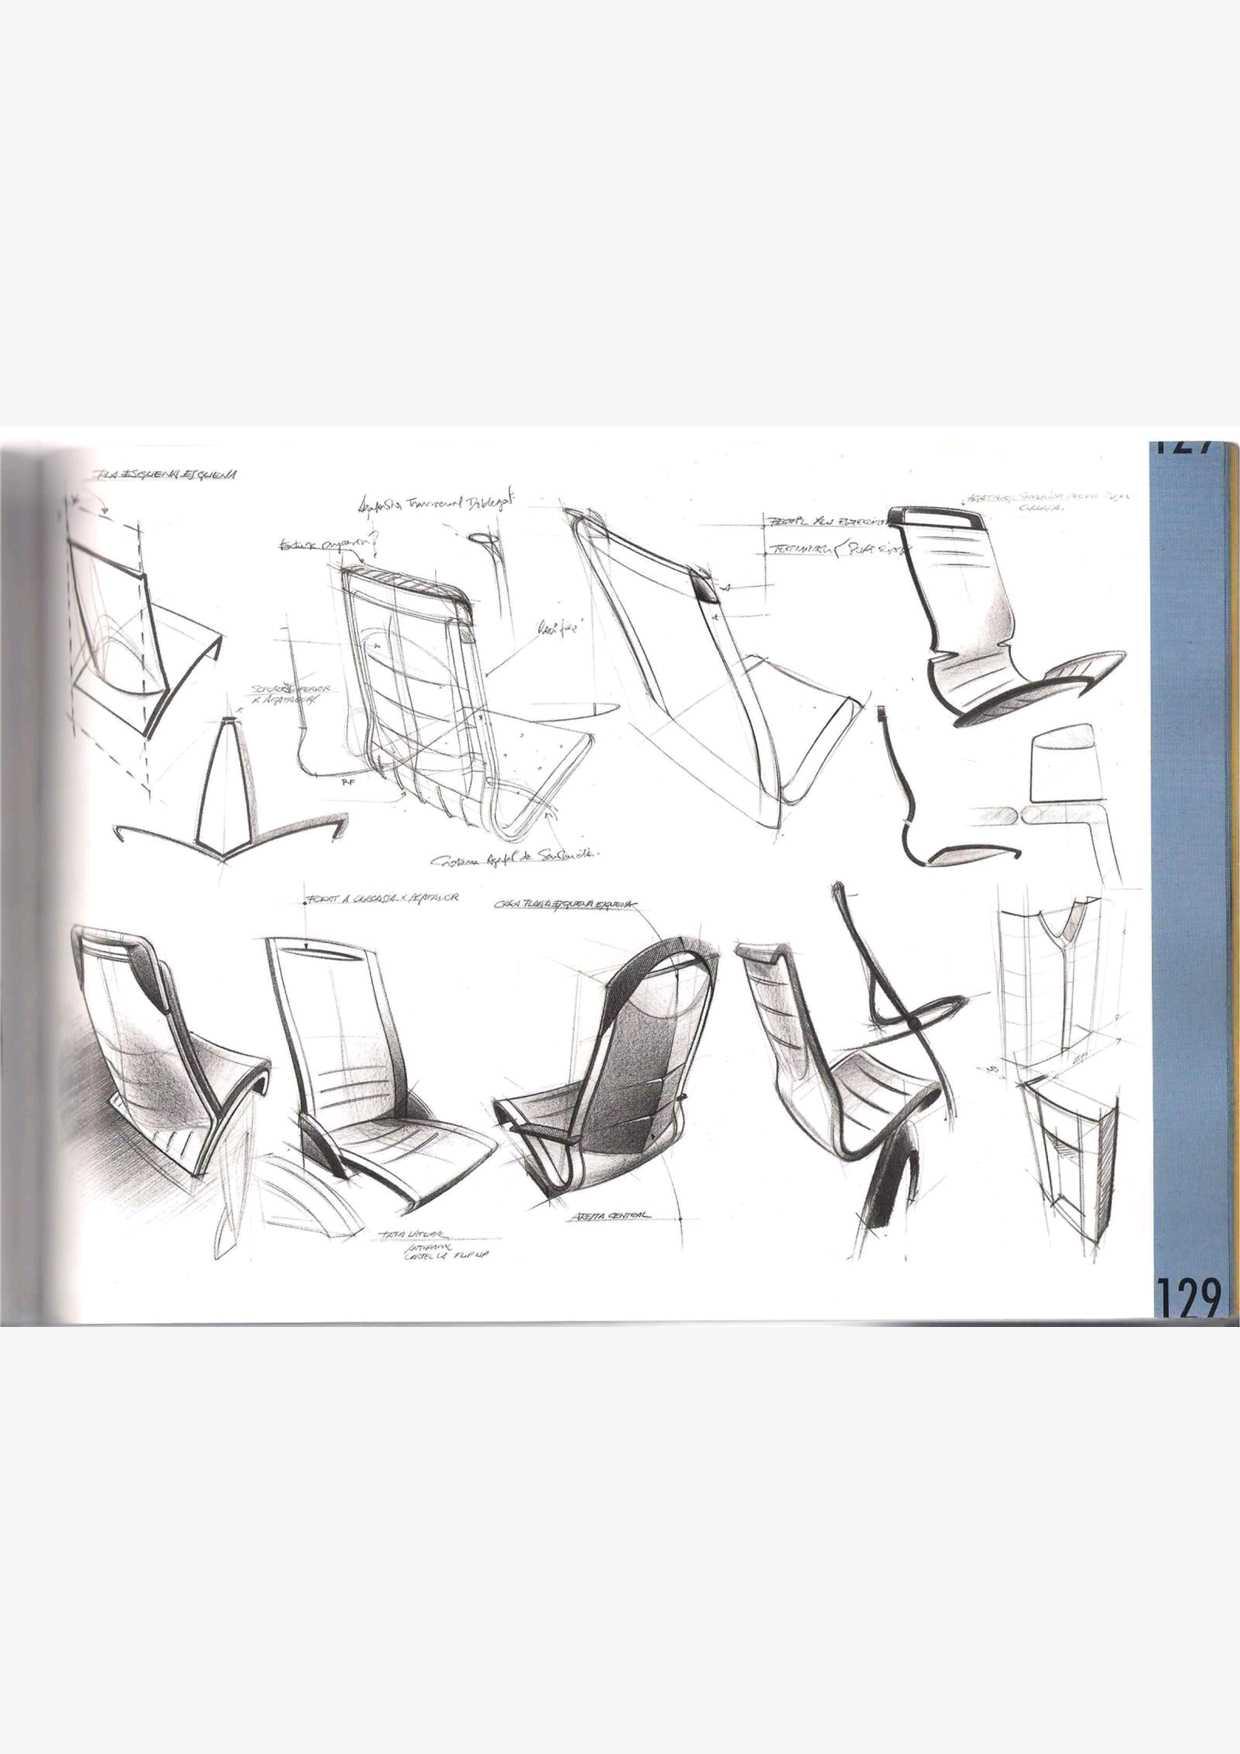 产品创意设计欧洲设计大师之创意草图(下)